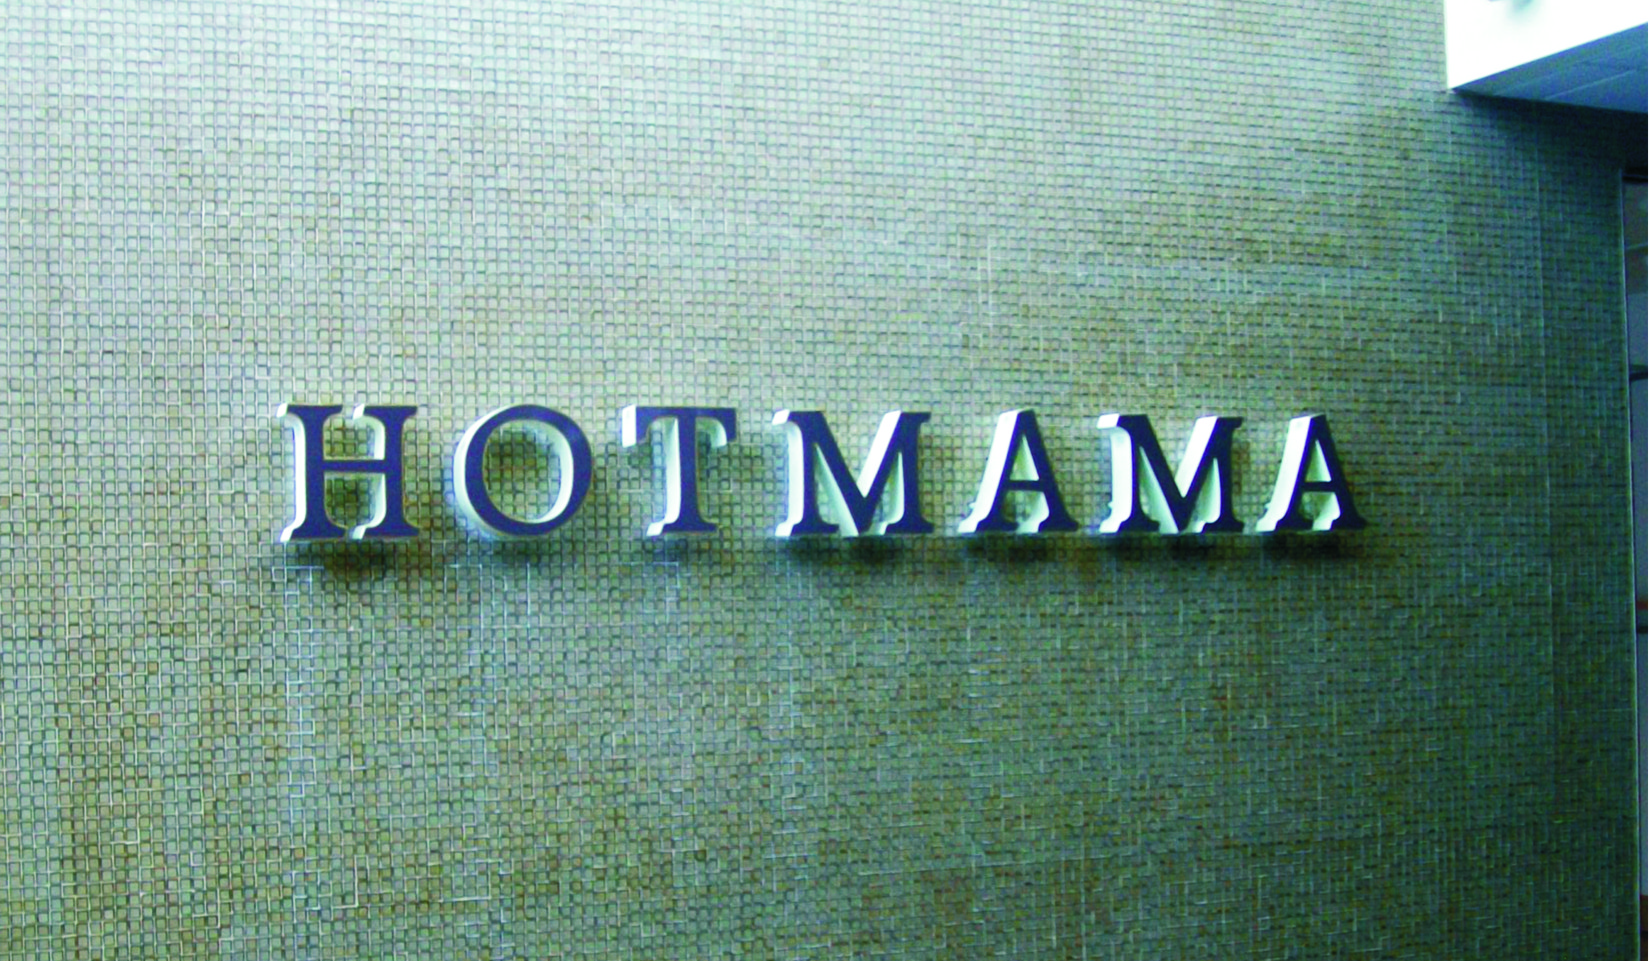 HOTMAMA TILE.jpg